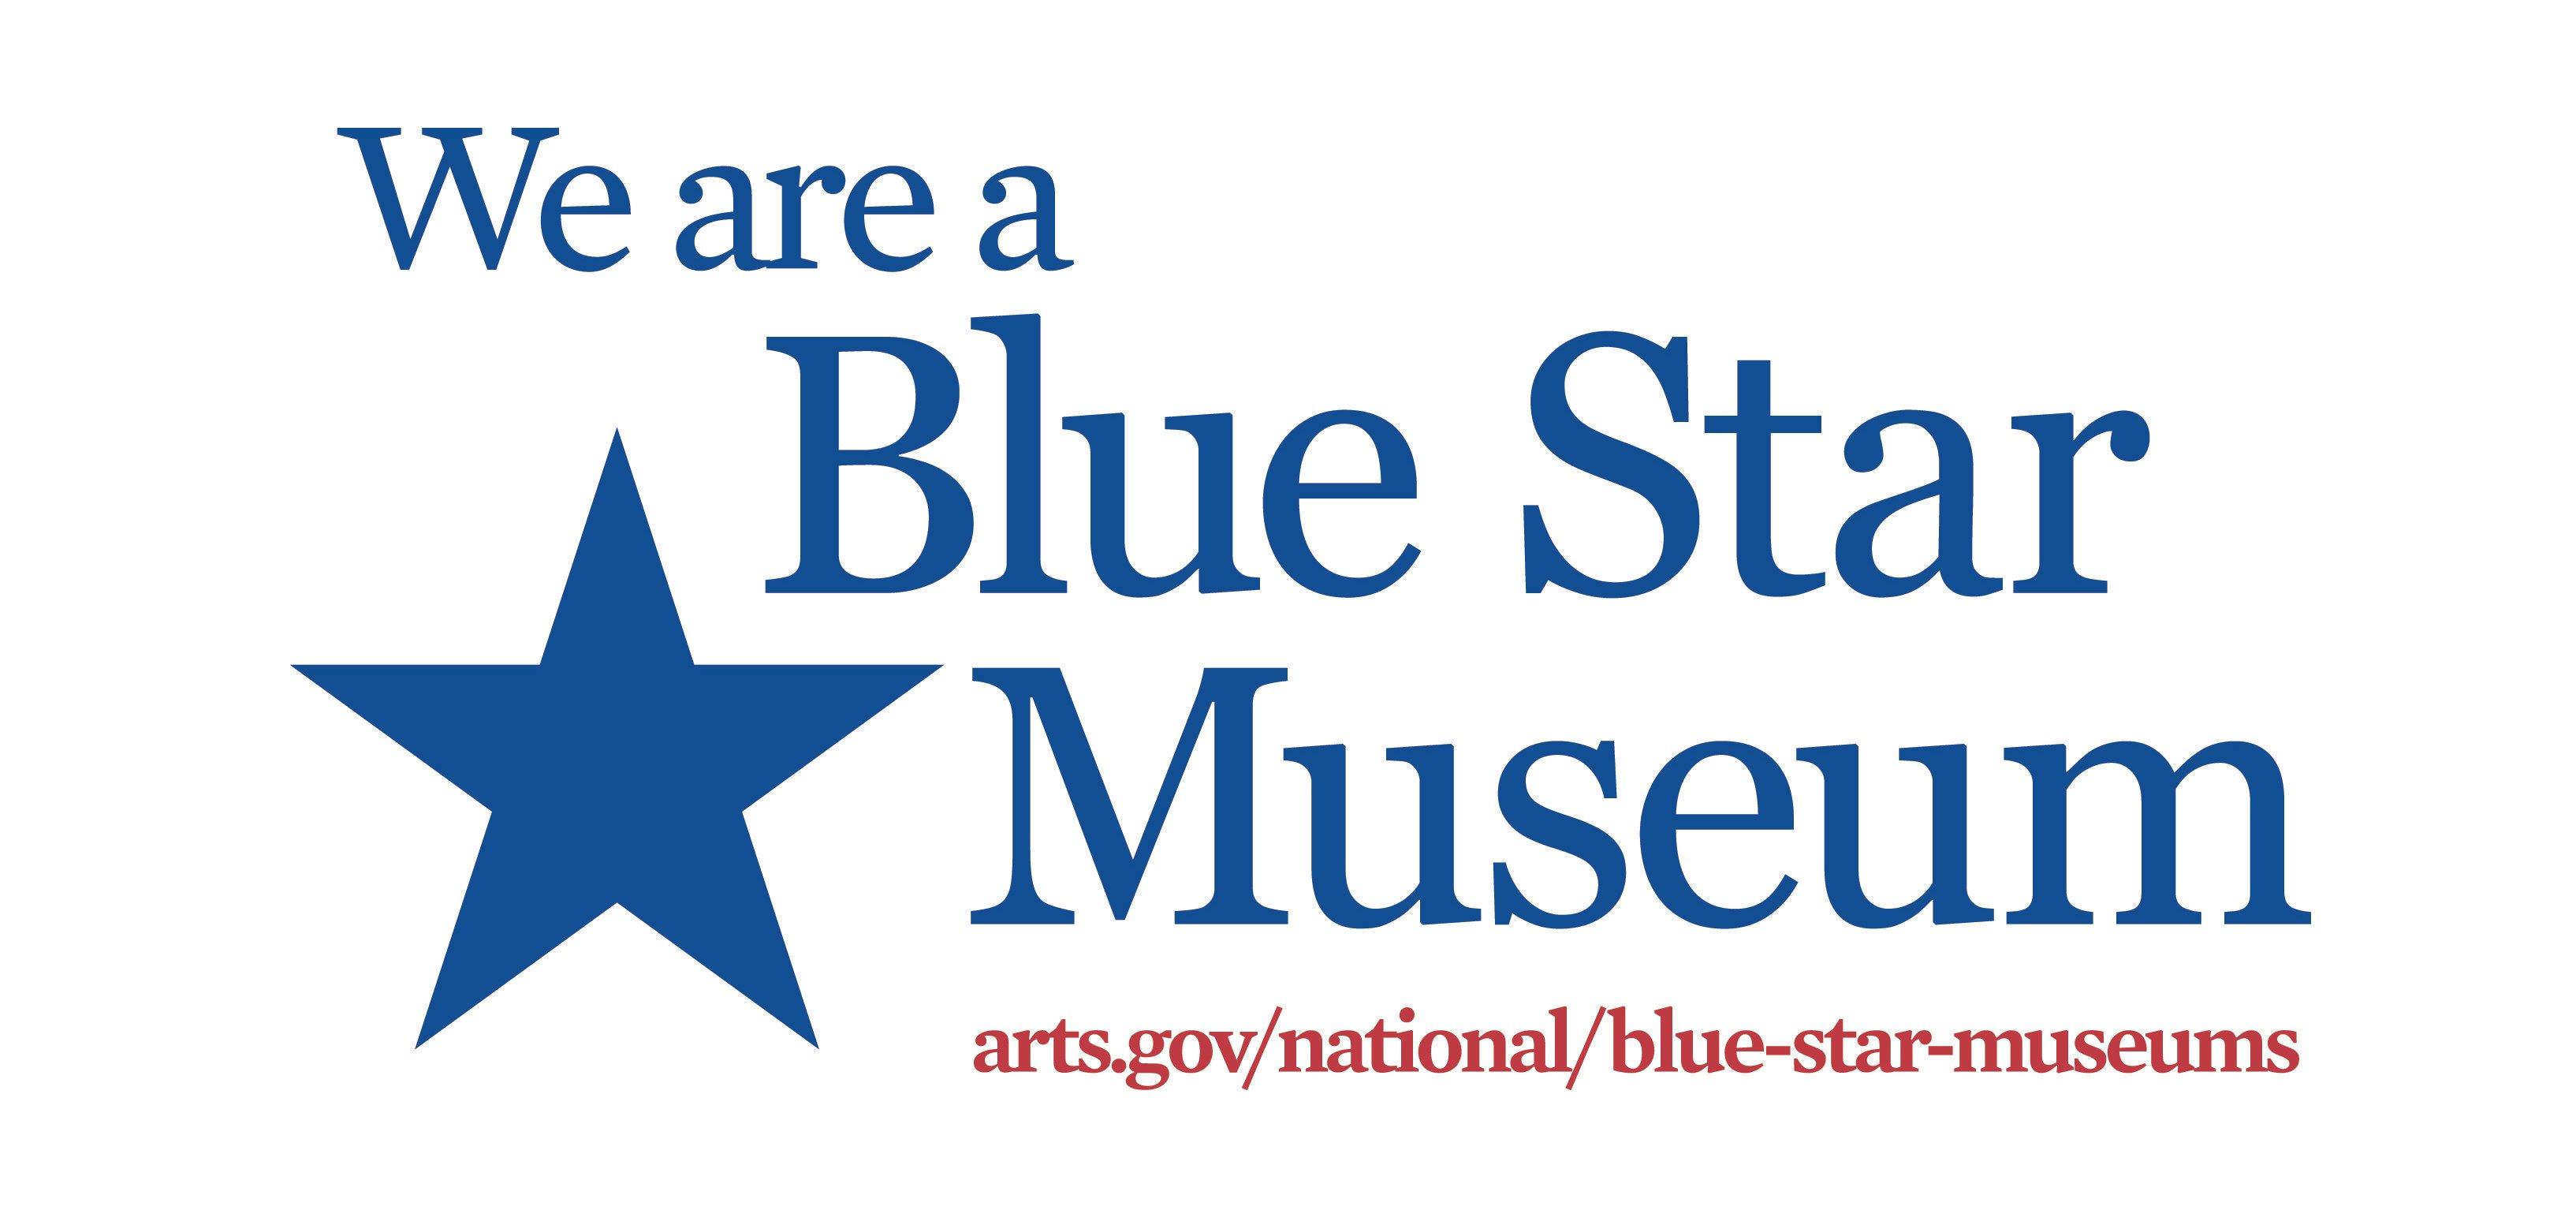 Blue_Star_Museum_graphic-e1507923572840